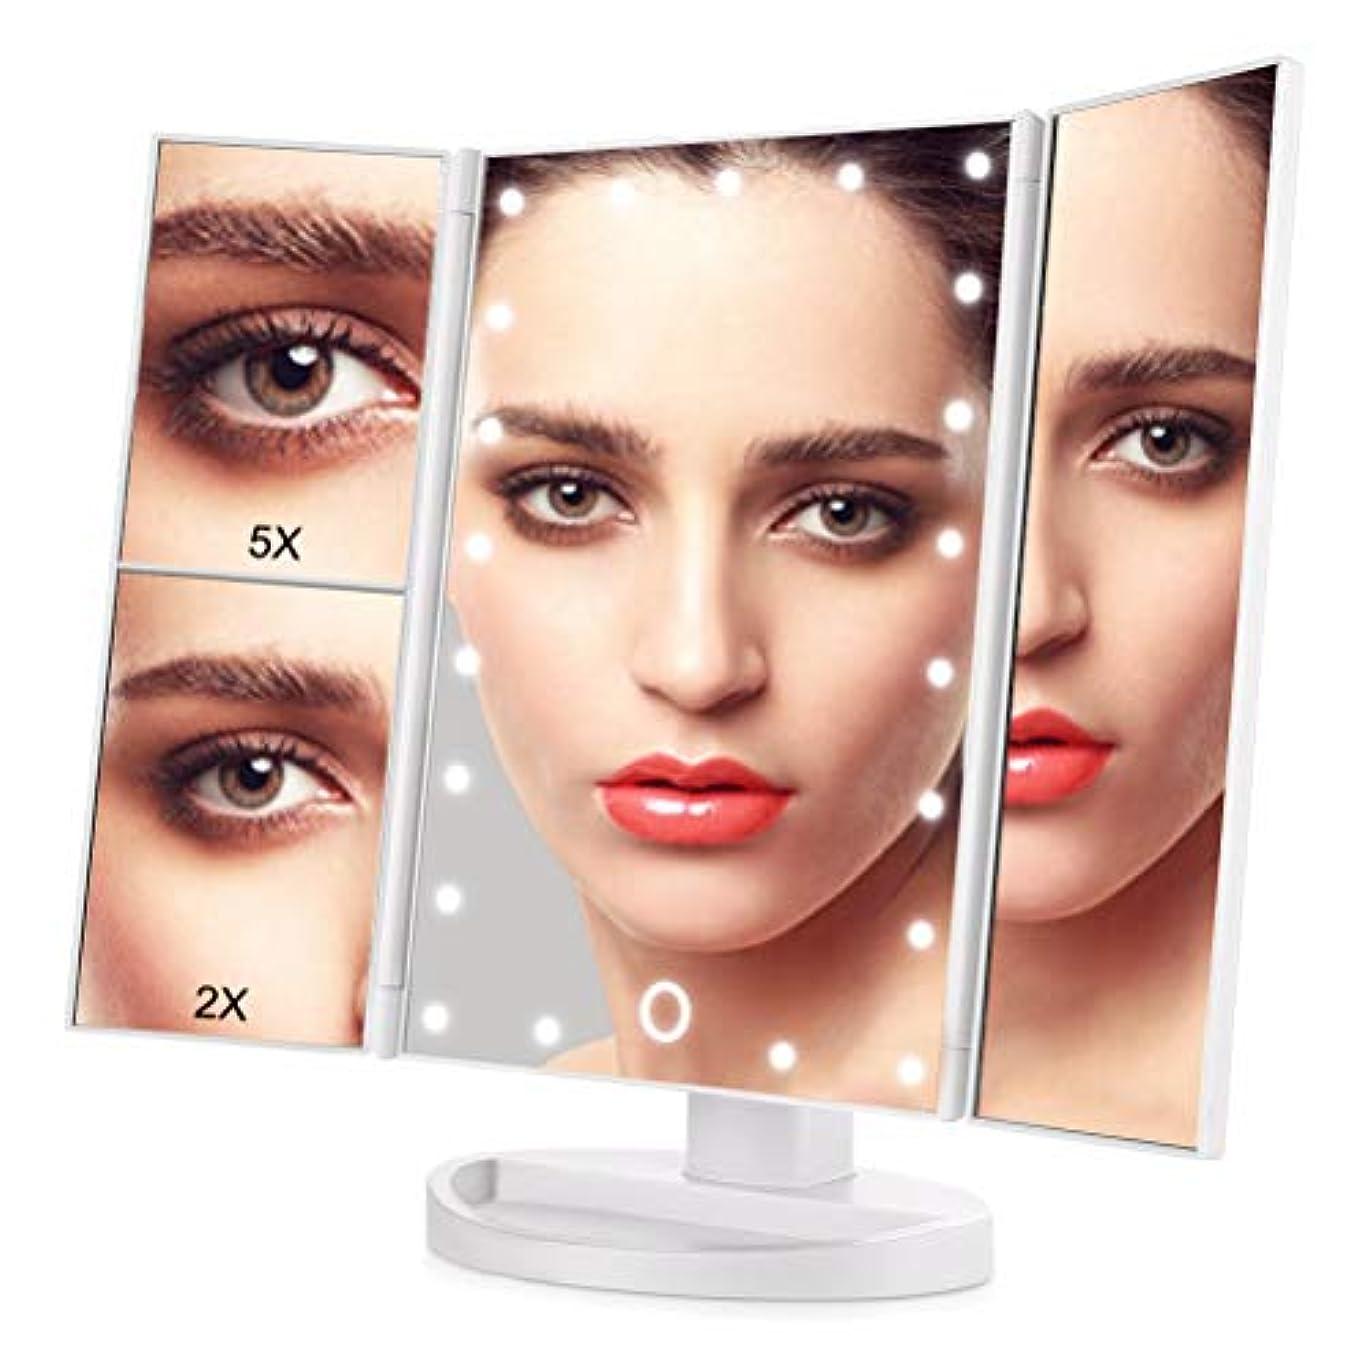 バッジ震える摘むOKISS 三面鏡 化粧鏡 卓上 ミラー 鏡 ledライト 化粧ミラー メイクアップミラー 2倍と5倍拡大鏡付き 明るさ調節可能 折り畳み式 180°回転 USB/単4電池給電